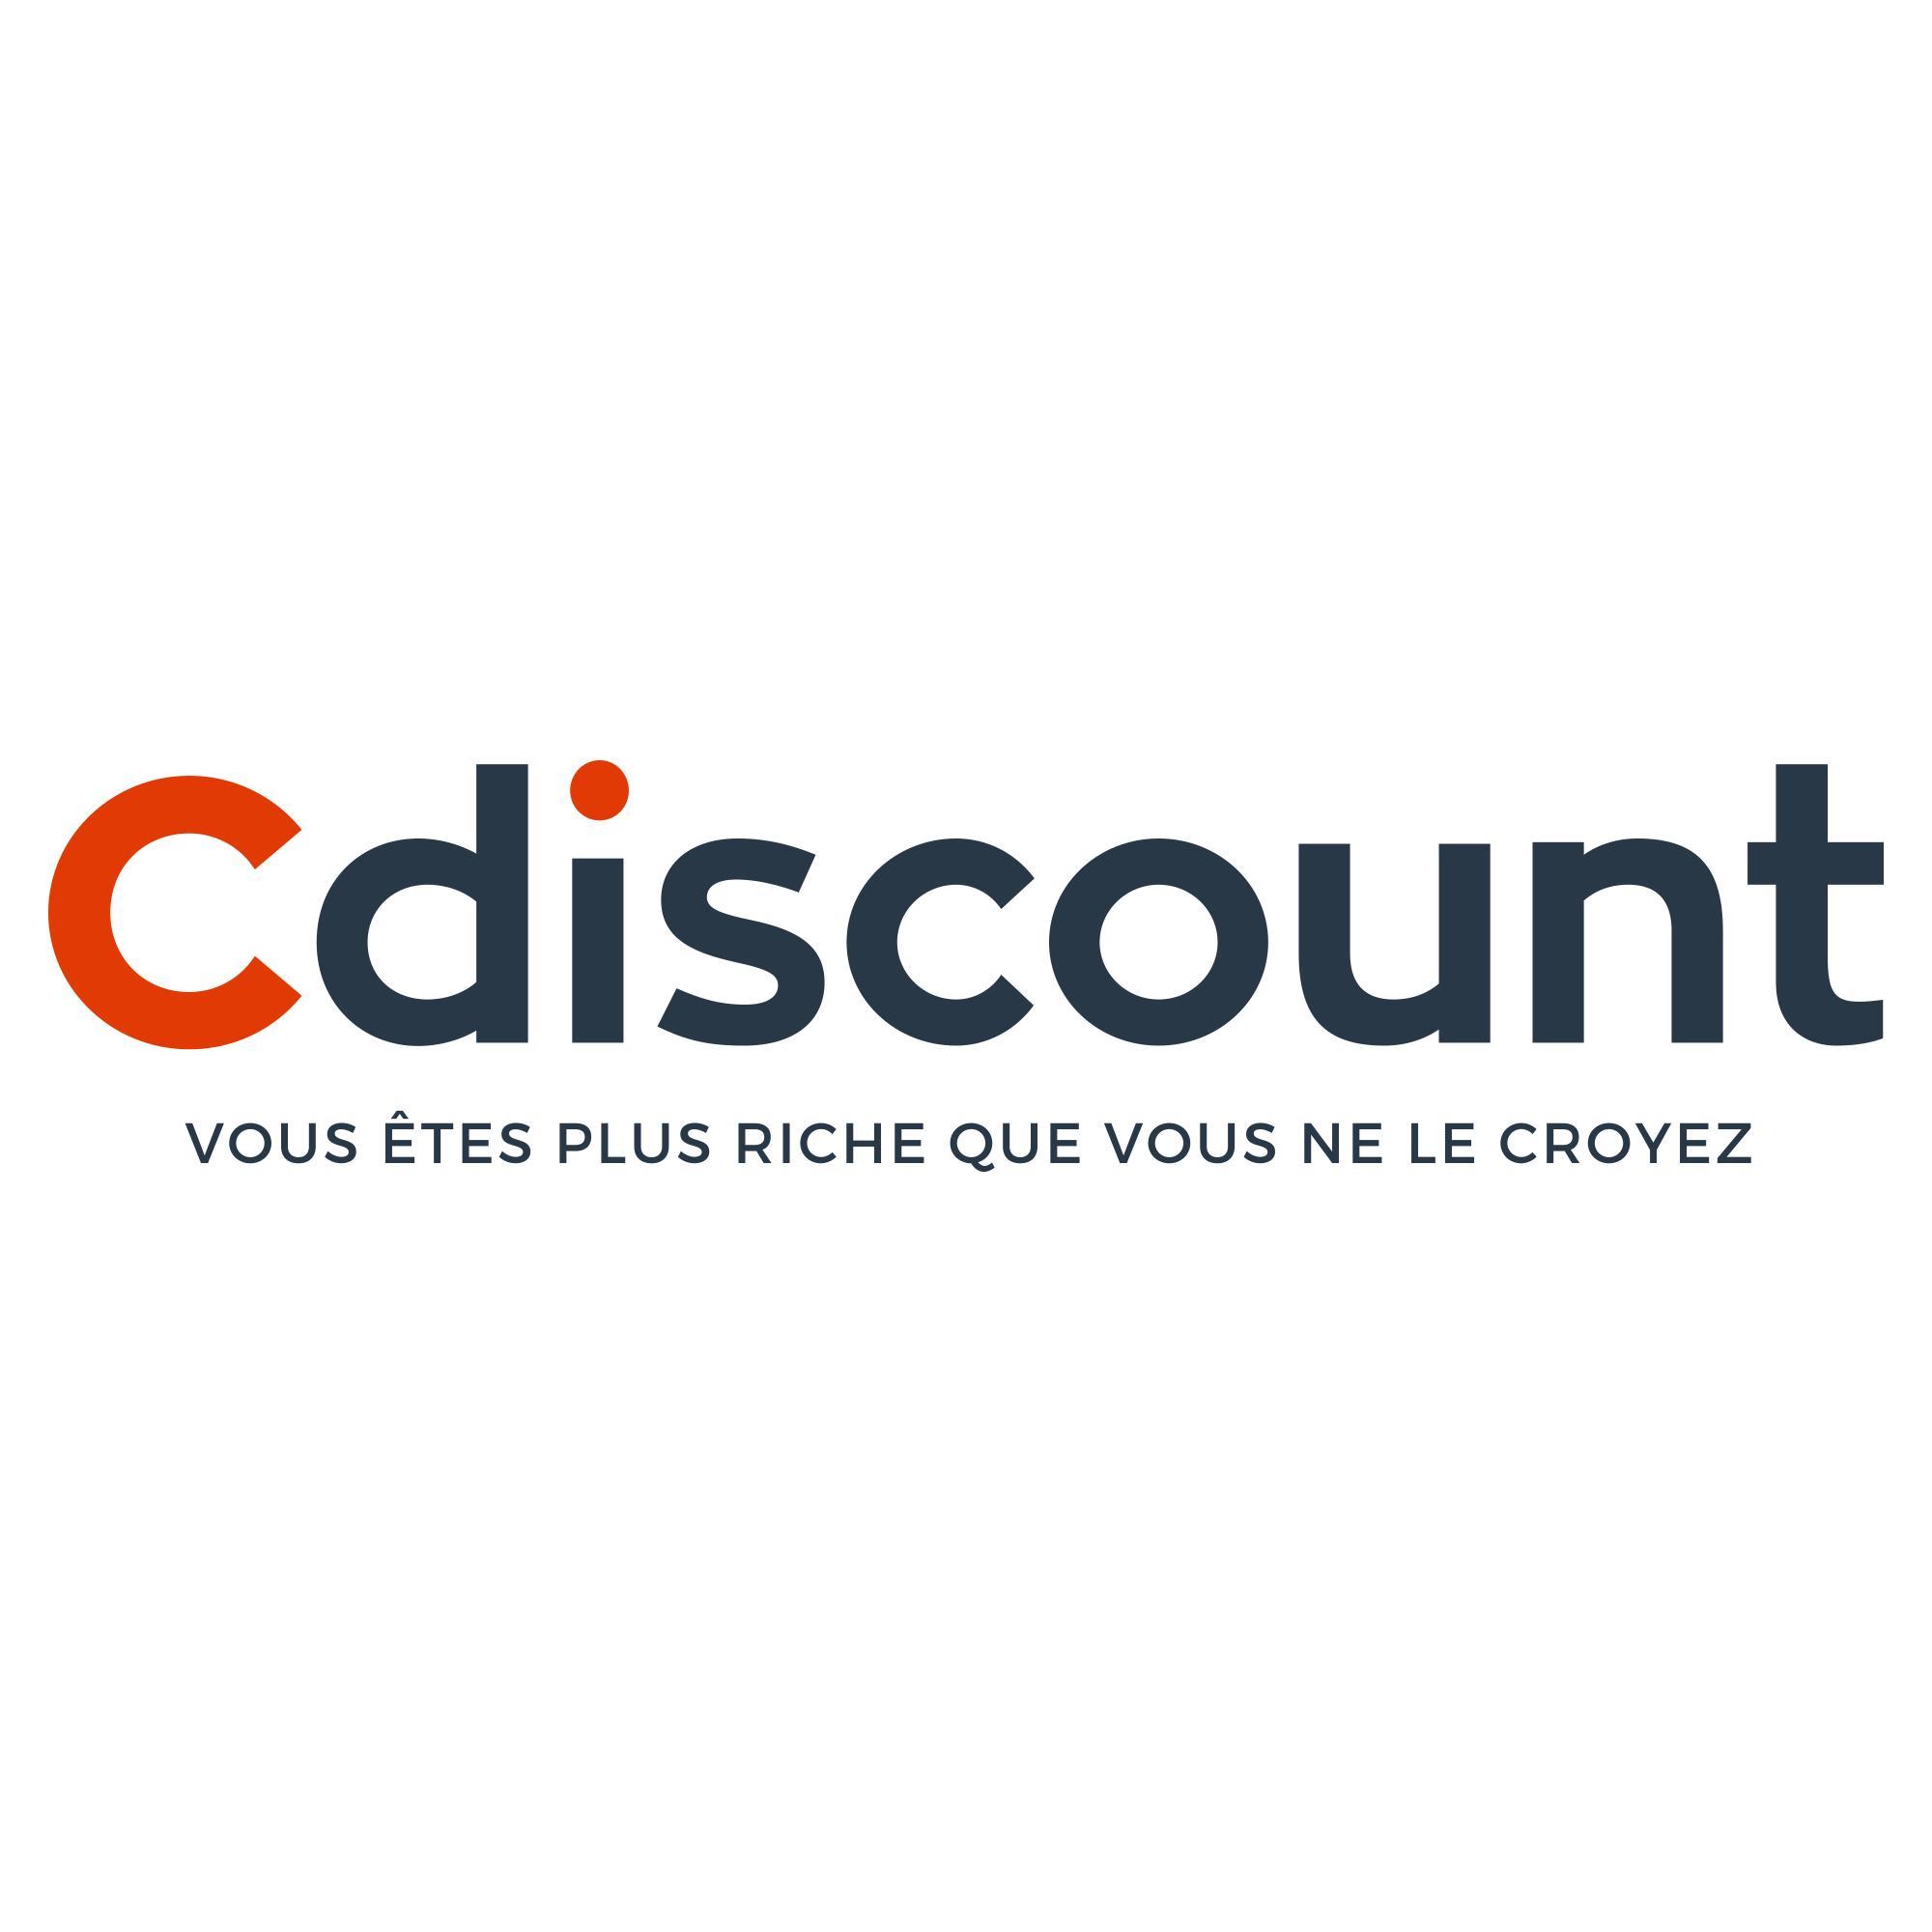 10€ de réduction dès 99€ d'achat , -25€ dès 249€ et -50€ dès 399€ d'achat sur tout le site (y compris marketplace)